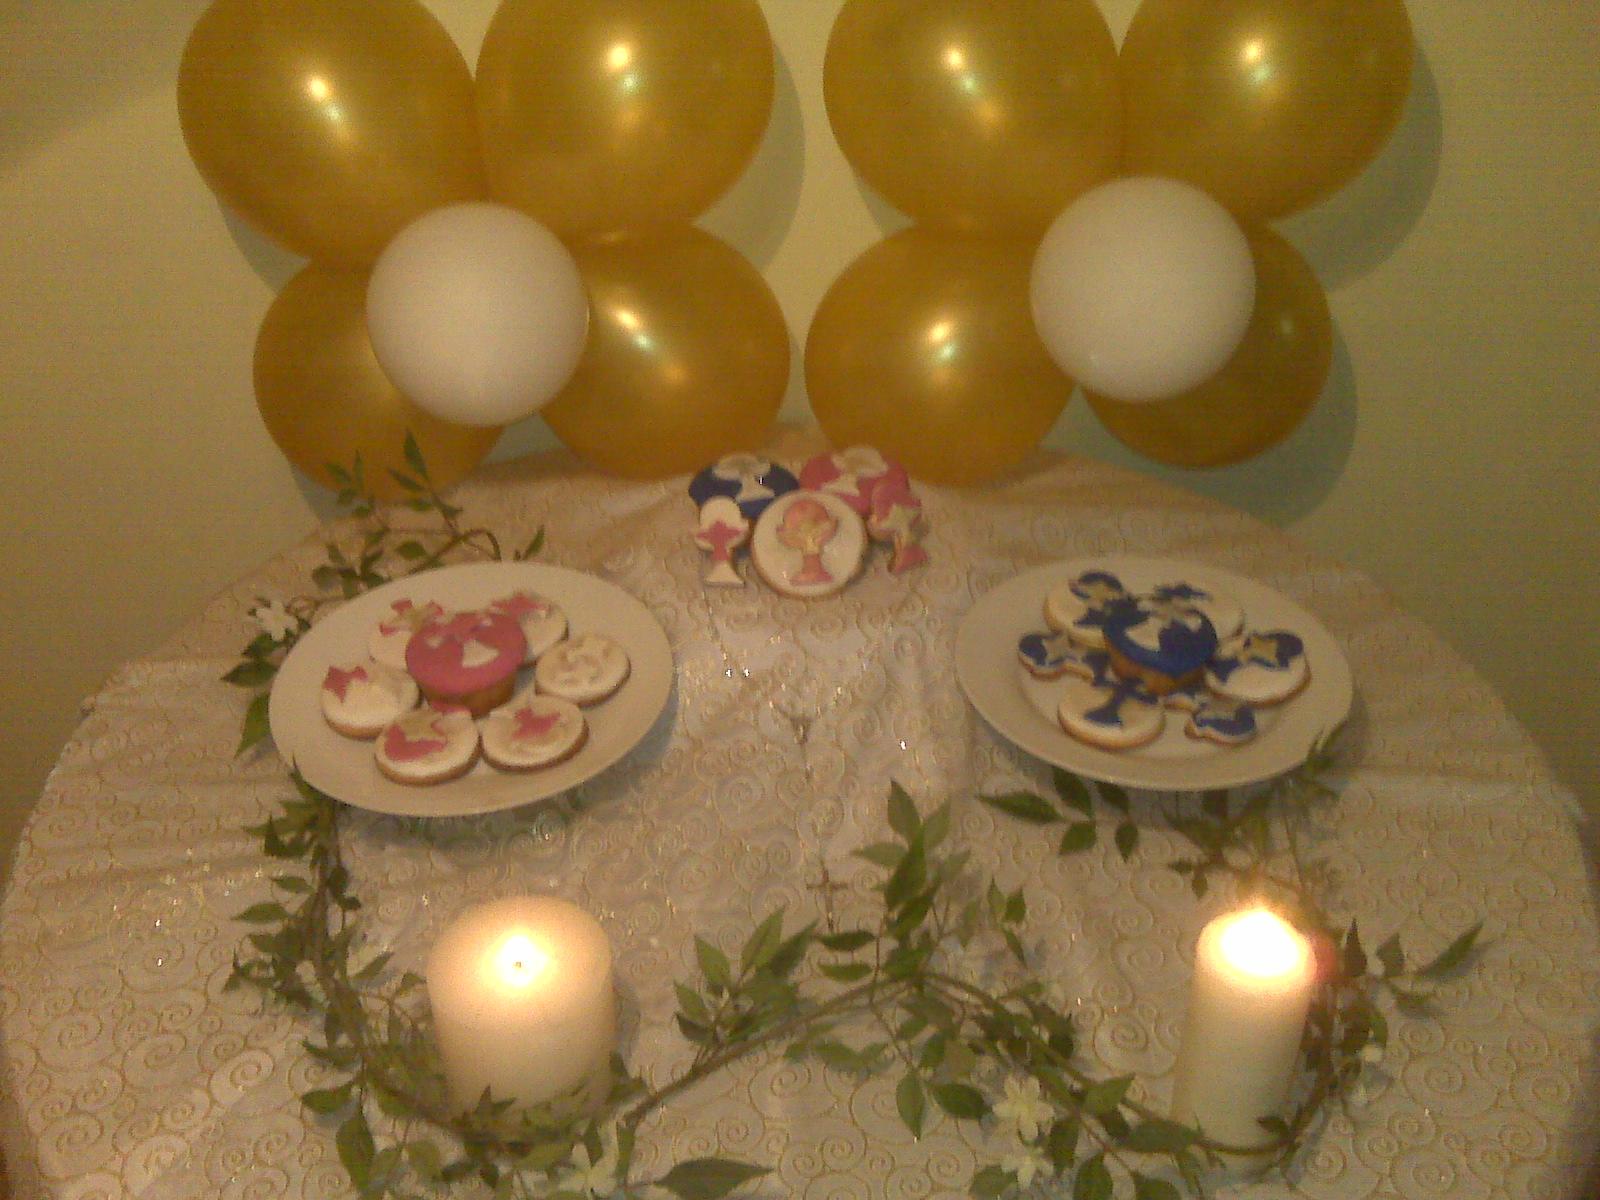 Galletas y ponquecitos decorados para primera comuni n for Decoracion de pared para primera comunion